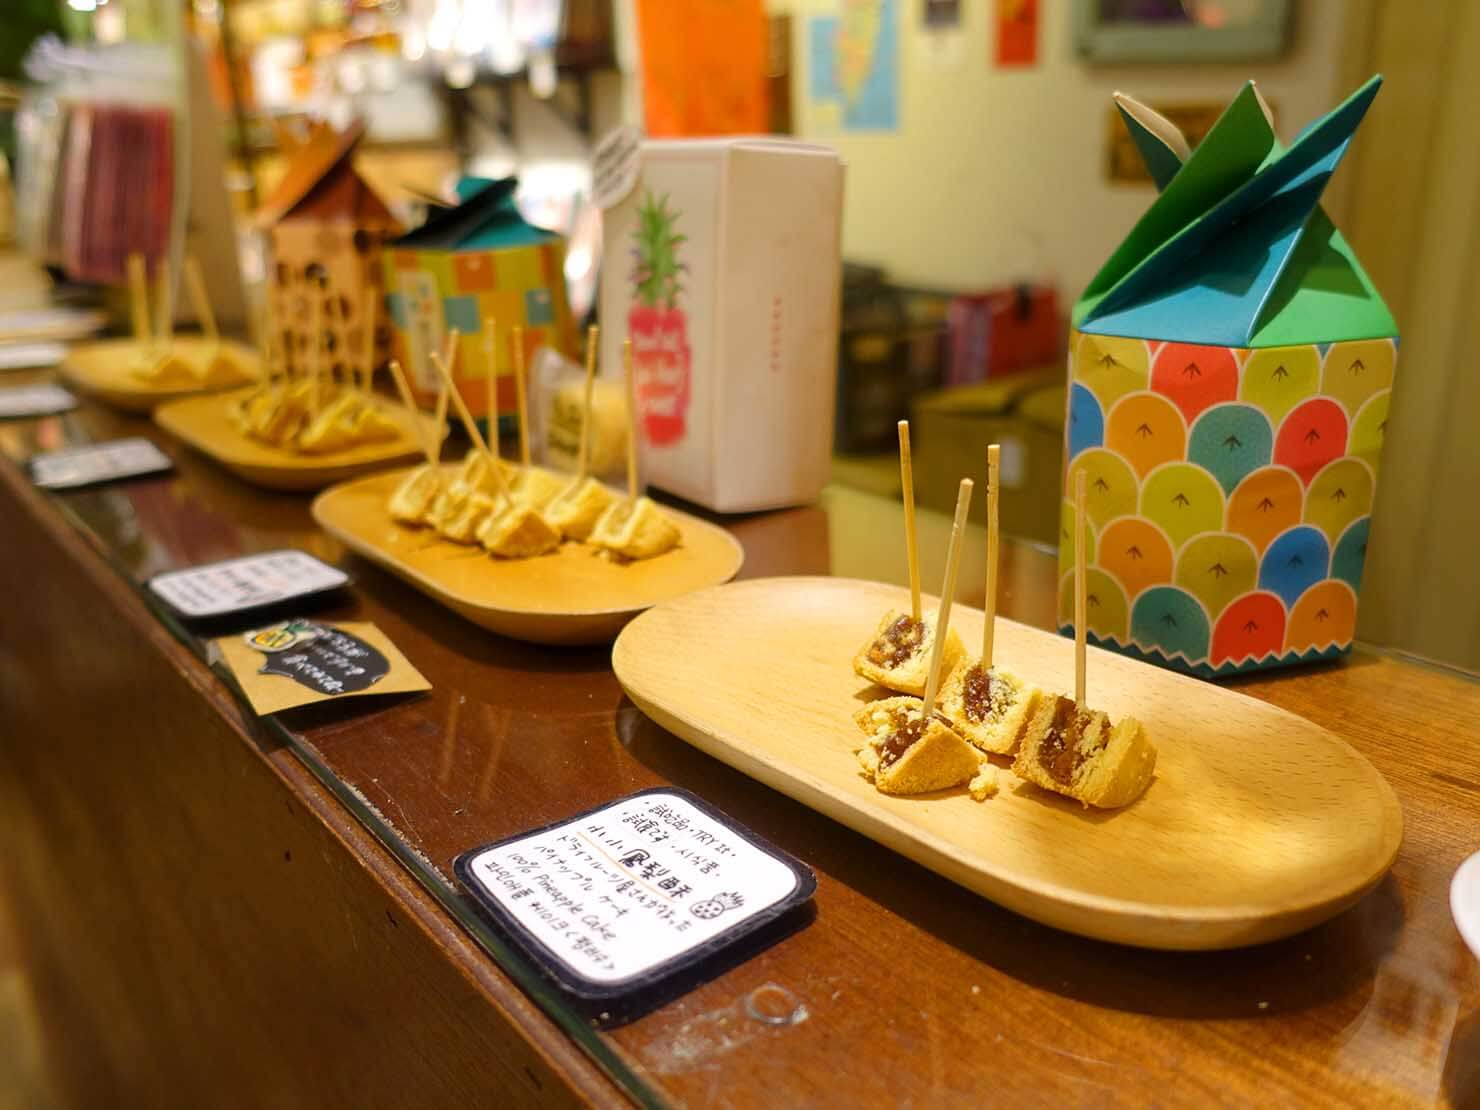 台北・永康街のおすすめおみやげショップ「來好 LAIHAO」B1フロアの試食コーナー